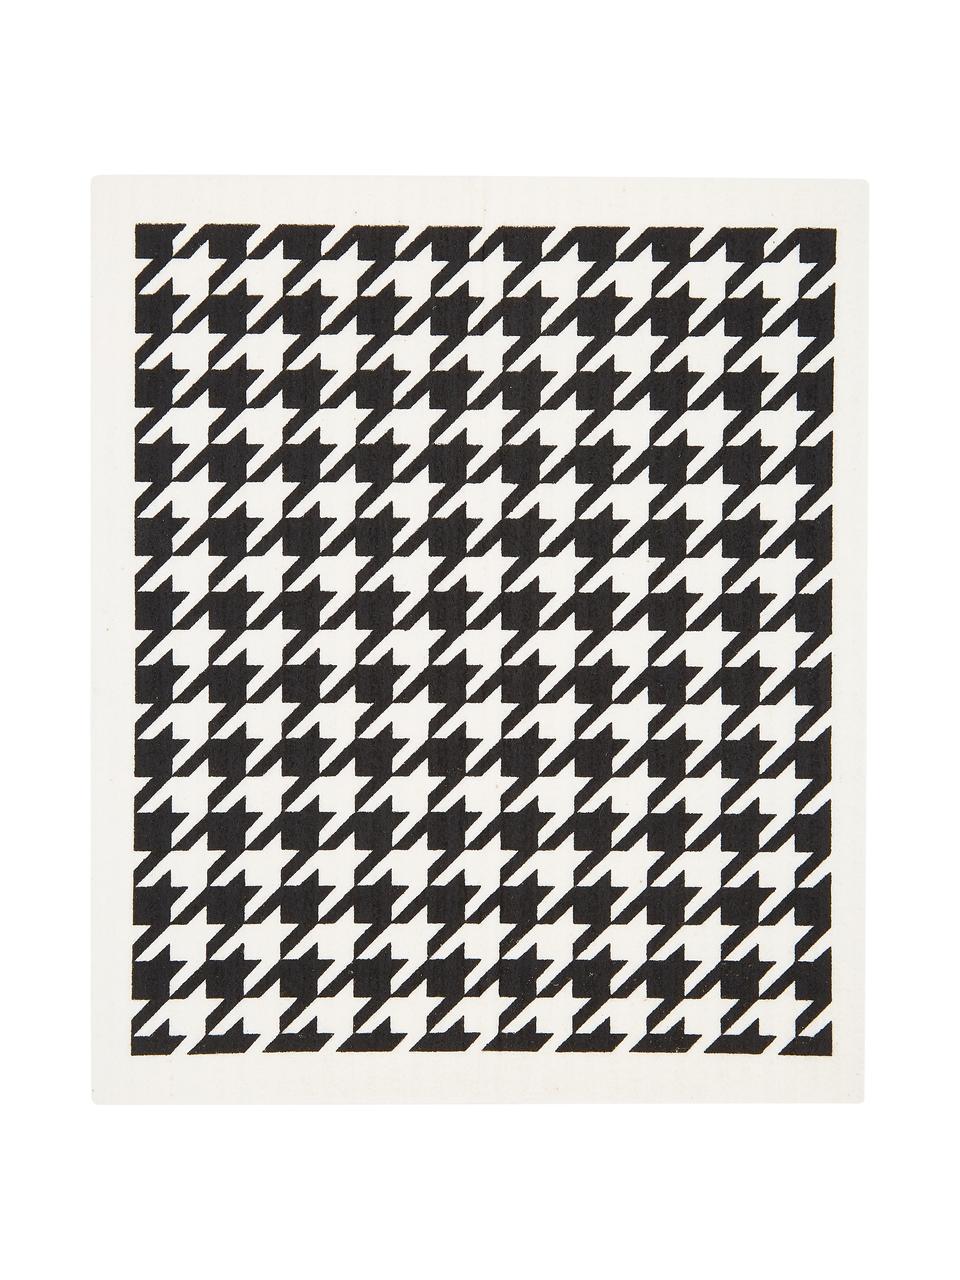 Komplet ściereczek kuchennych Tokio, 3 elem., 70% celuloza, 30% bawełna, Biały, czarny, S 17 x D 20 cm